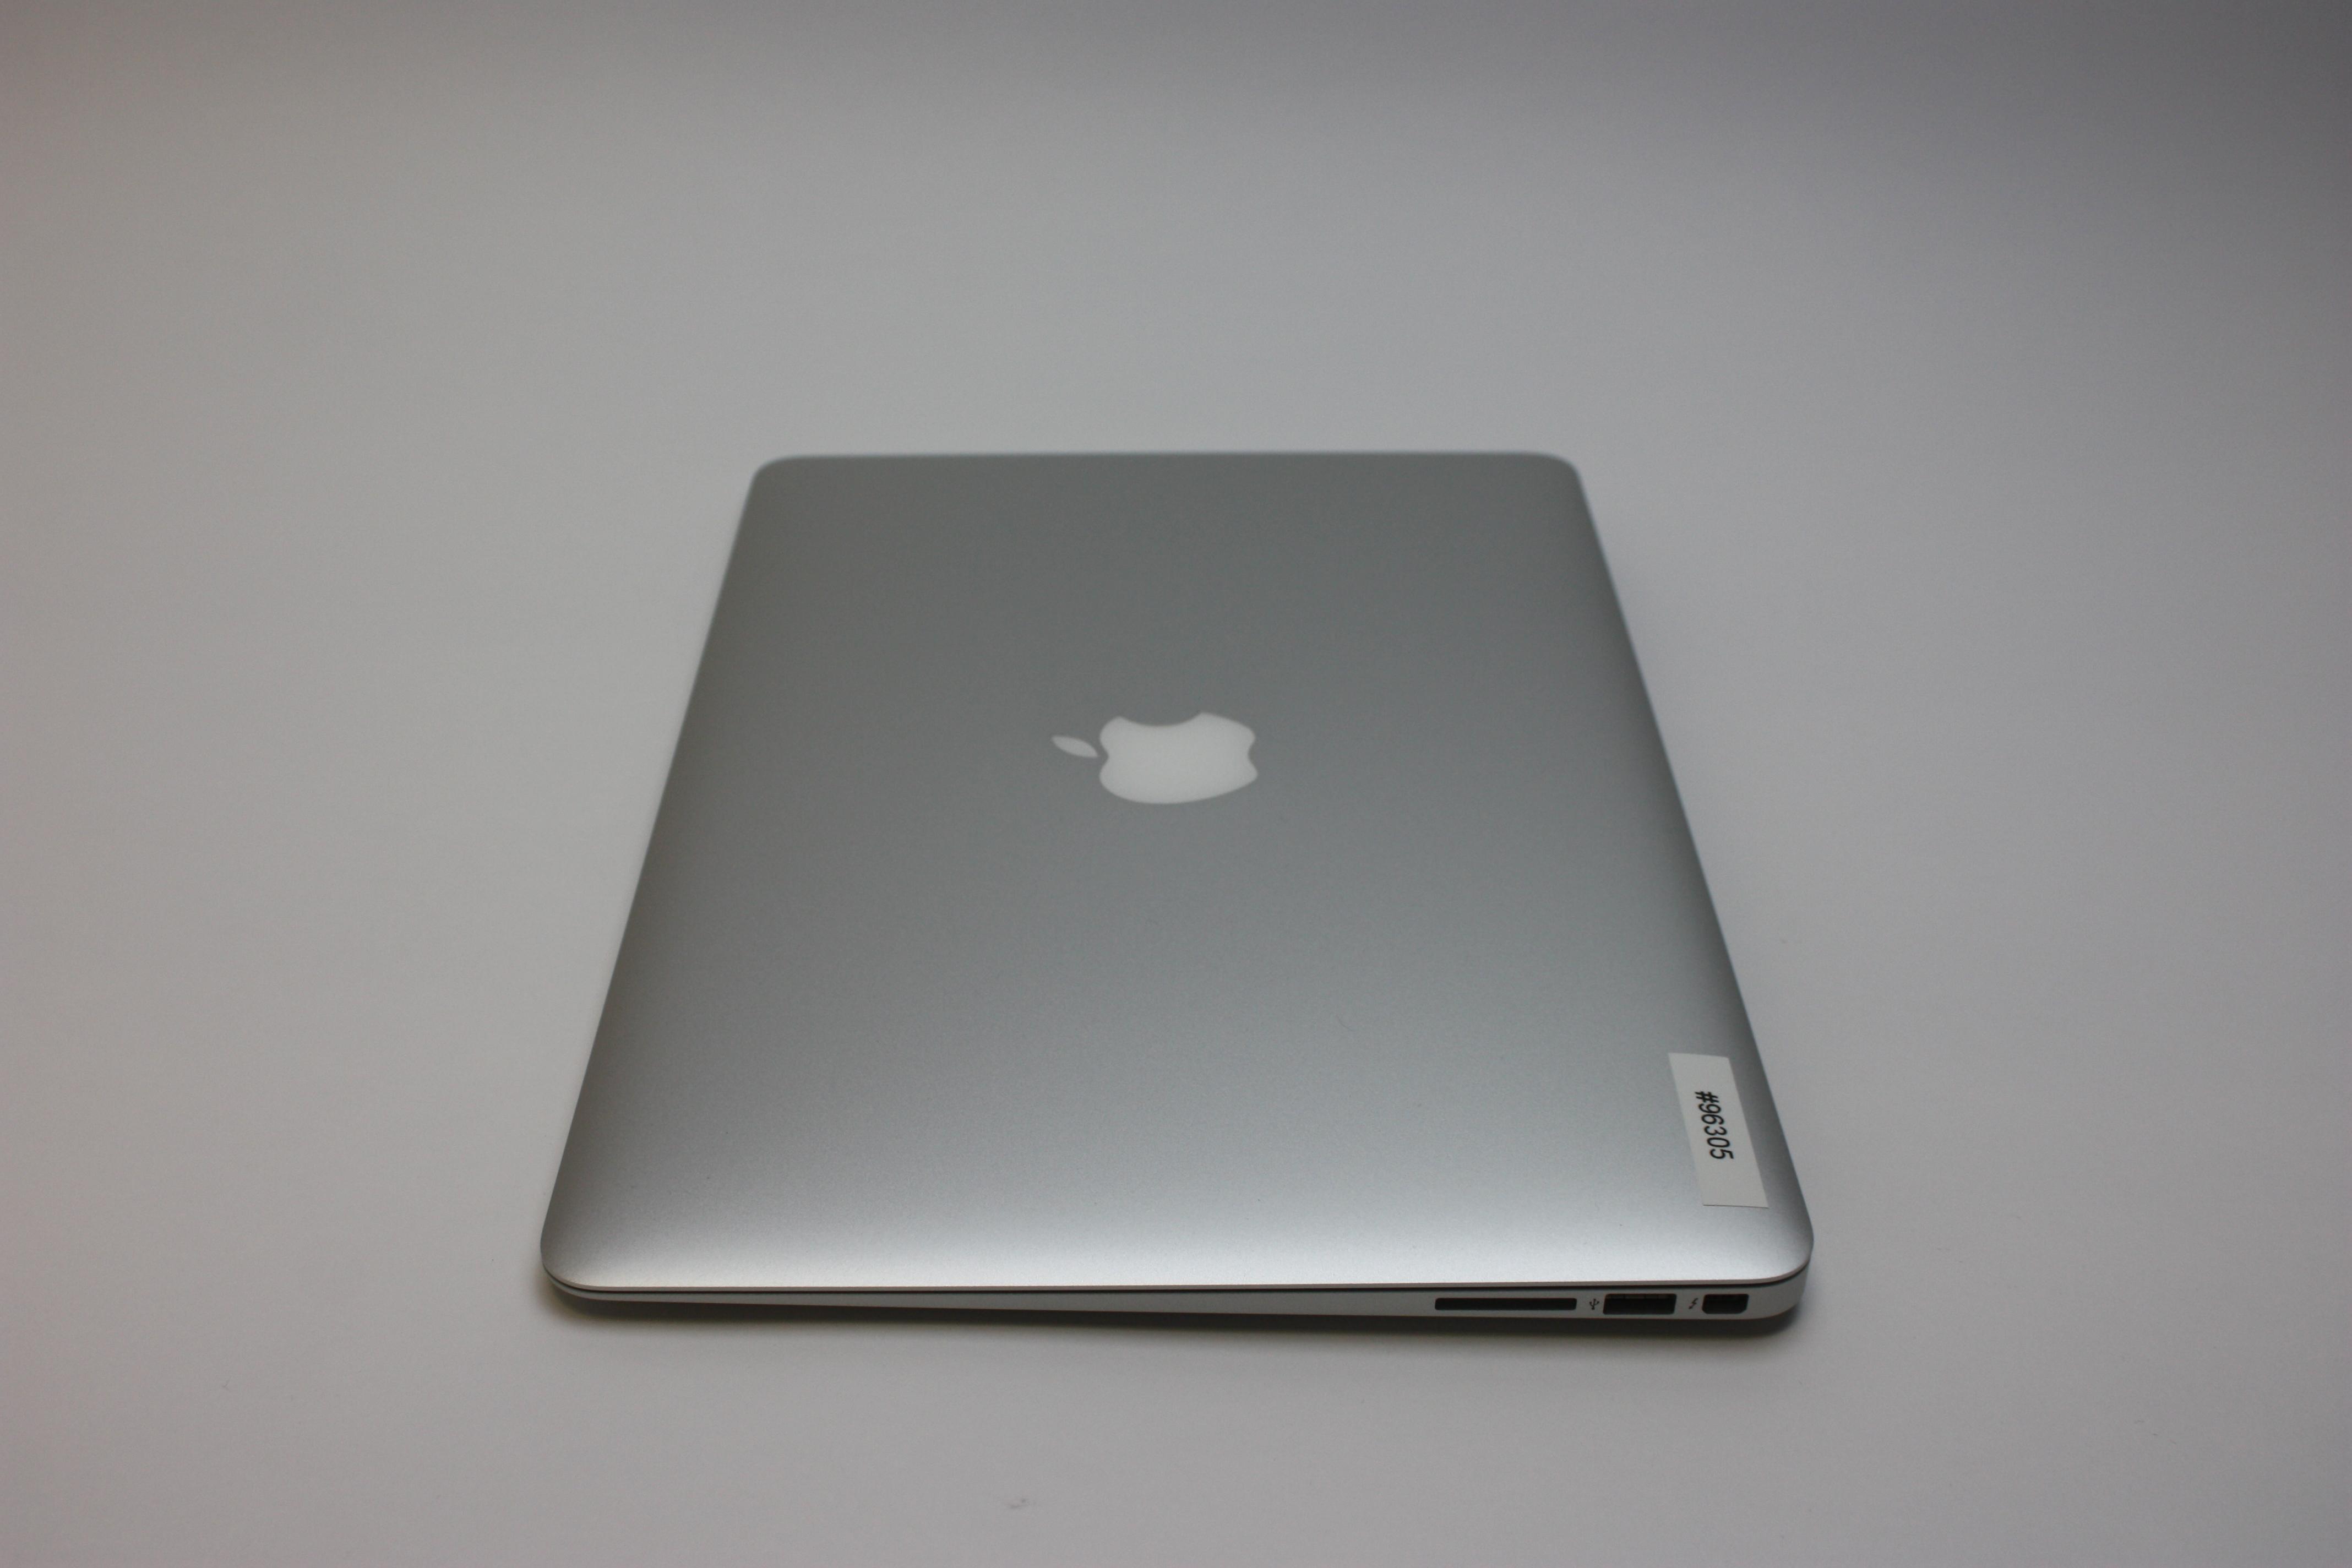 MacBook Air 13-inch, 1.8 GHz Core i5 (I5-5350U), 8 GB 1600 MHz DDR3, 128 GB Flash Storage, image 7